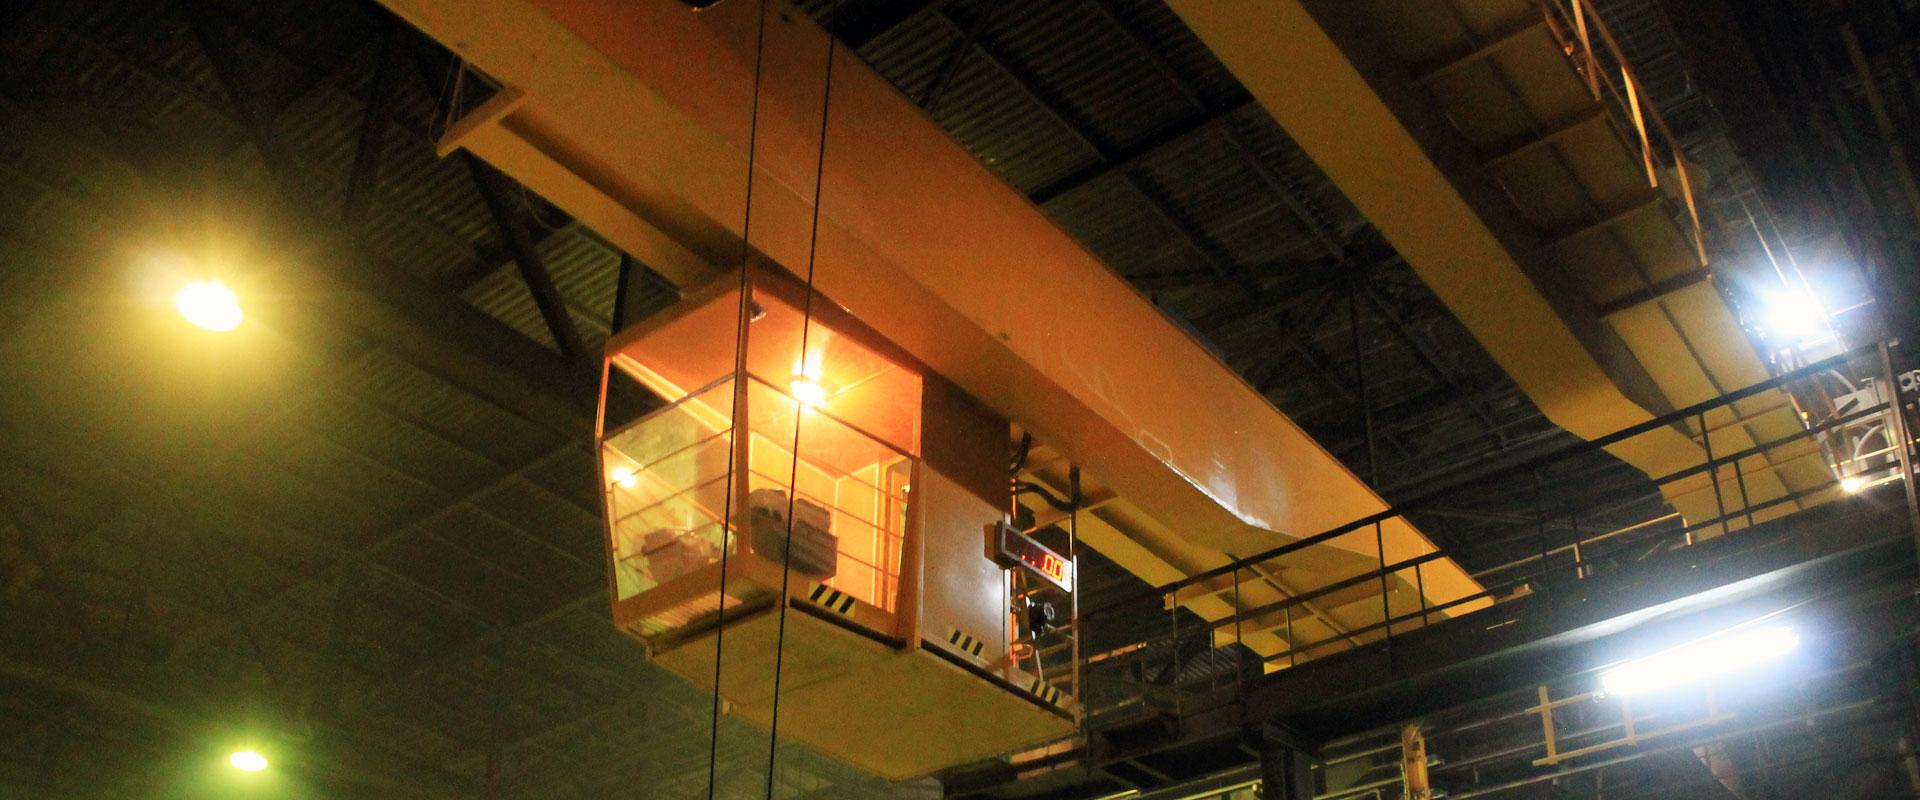 5-Кран мостовой литейный КМ-16,0-3,2 г-п 16,0+3,2т